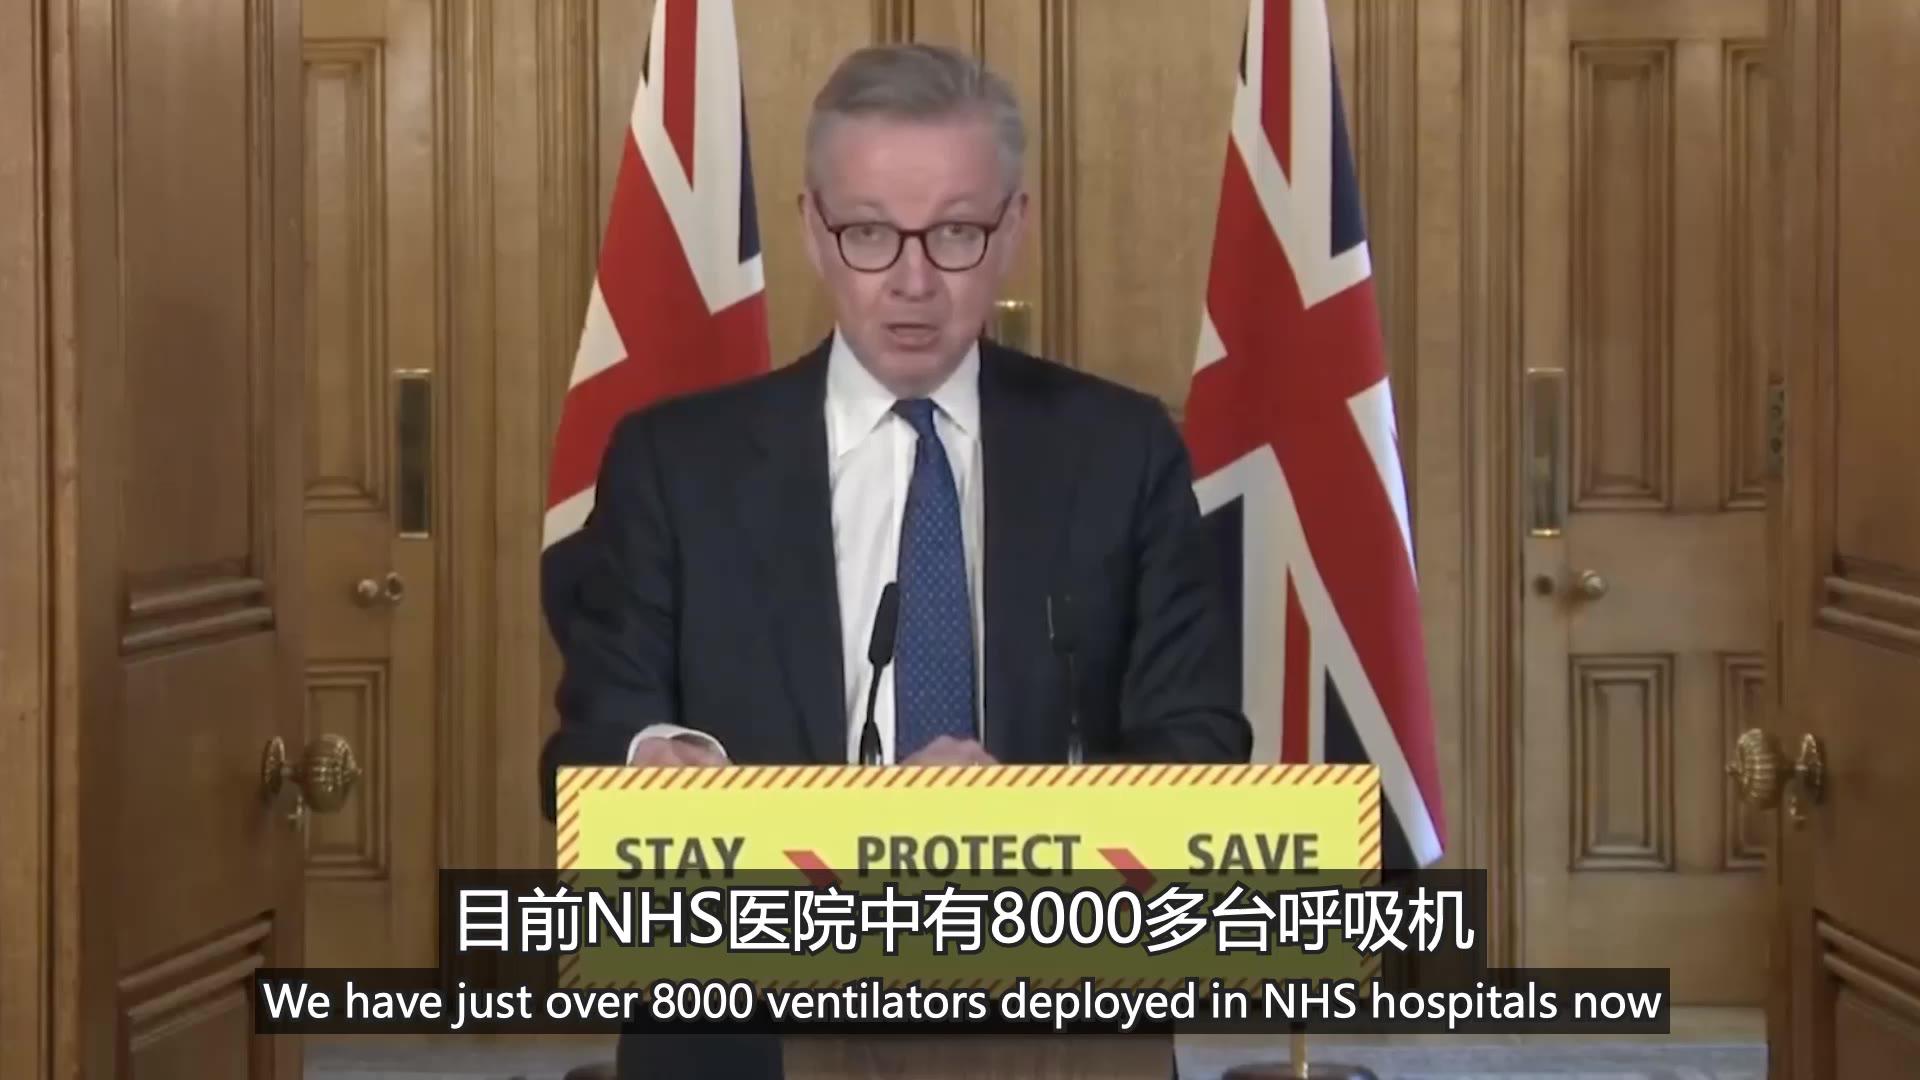 英国内阁大臣戈夫:本国制造业巨头将量产呼吸机